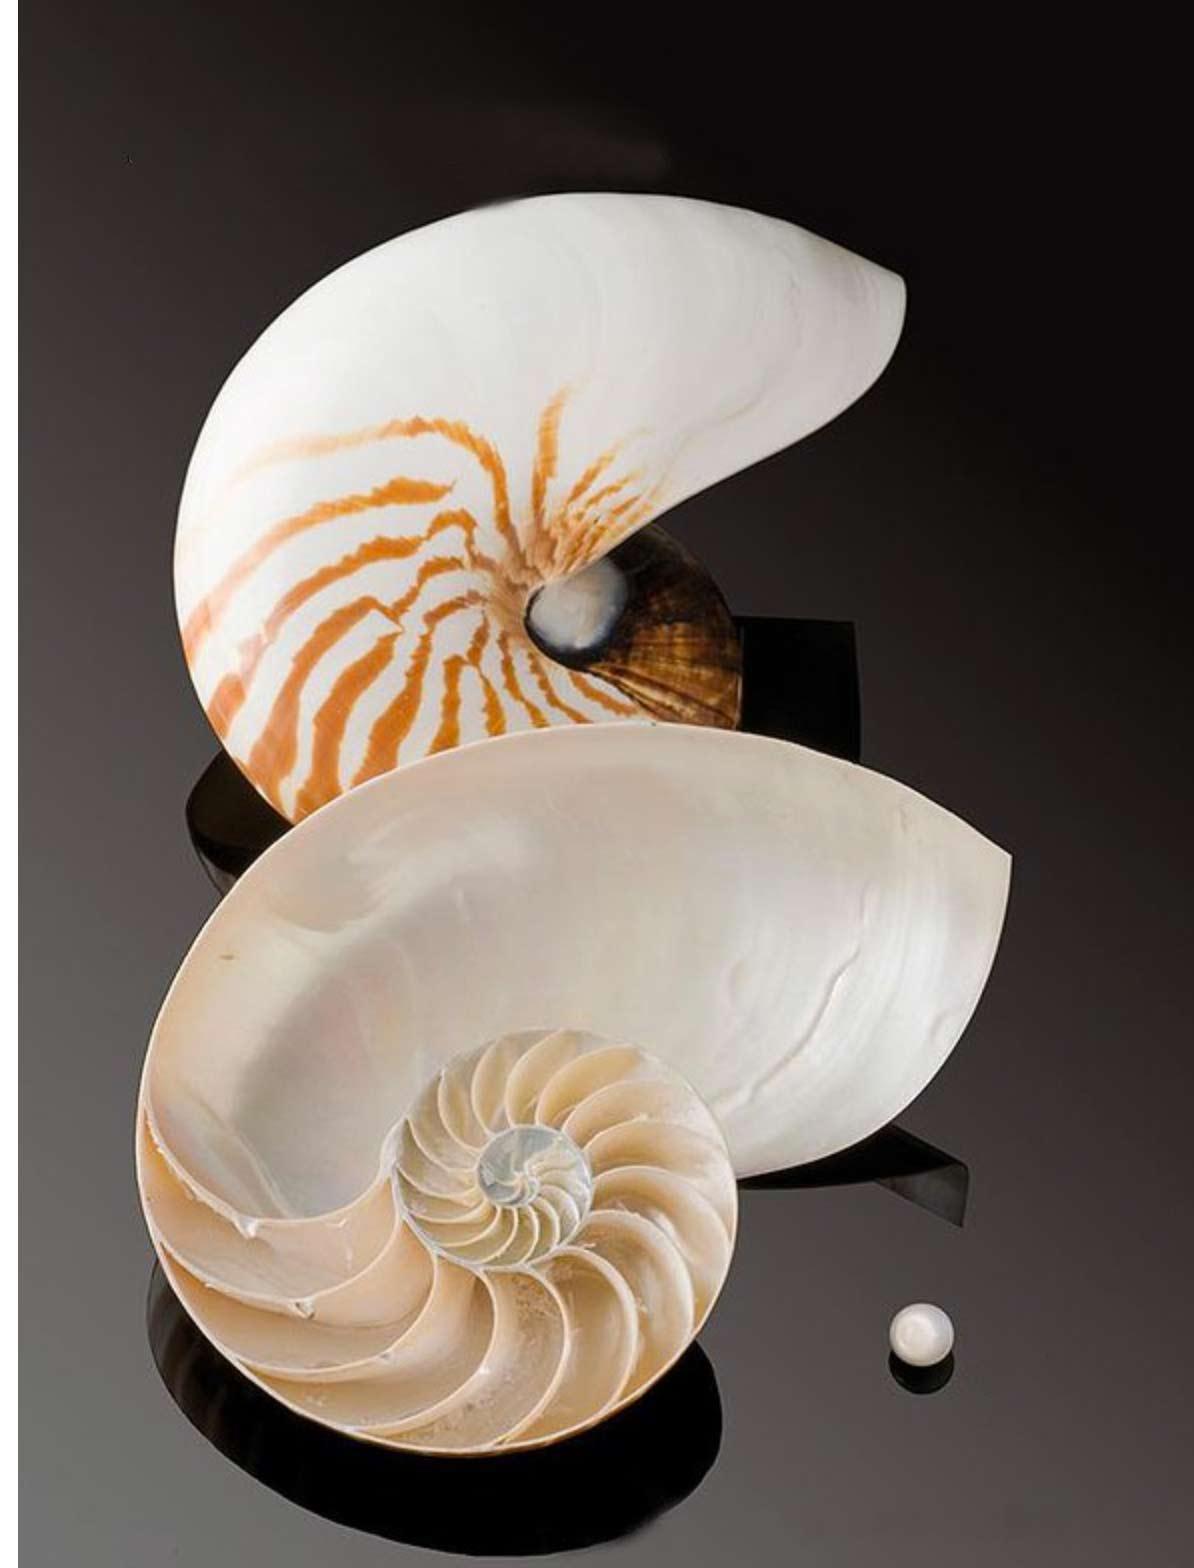 Perle de nautile et son mollusque de type céphalopode